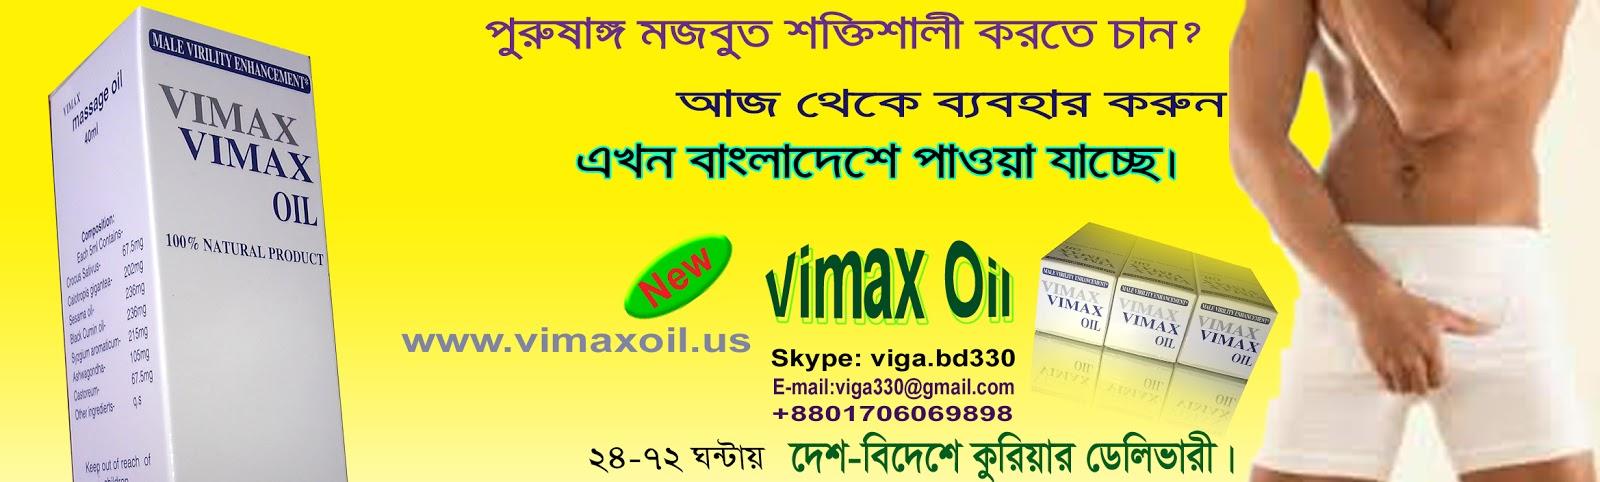 vimax oil k s a 8801706069898 vimax oil saudia 966500973074